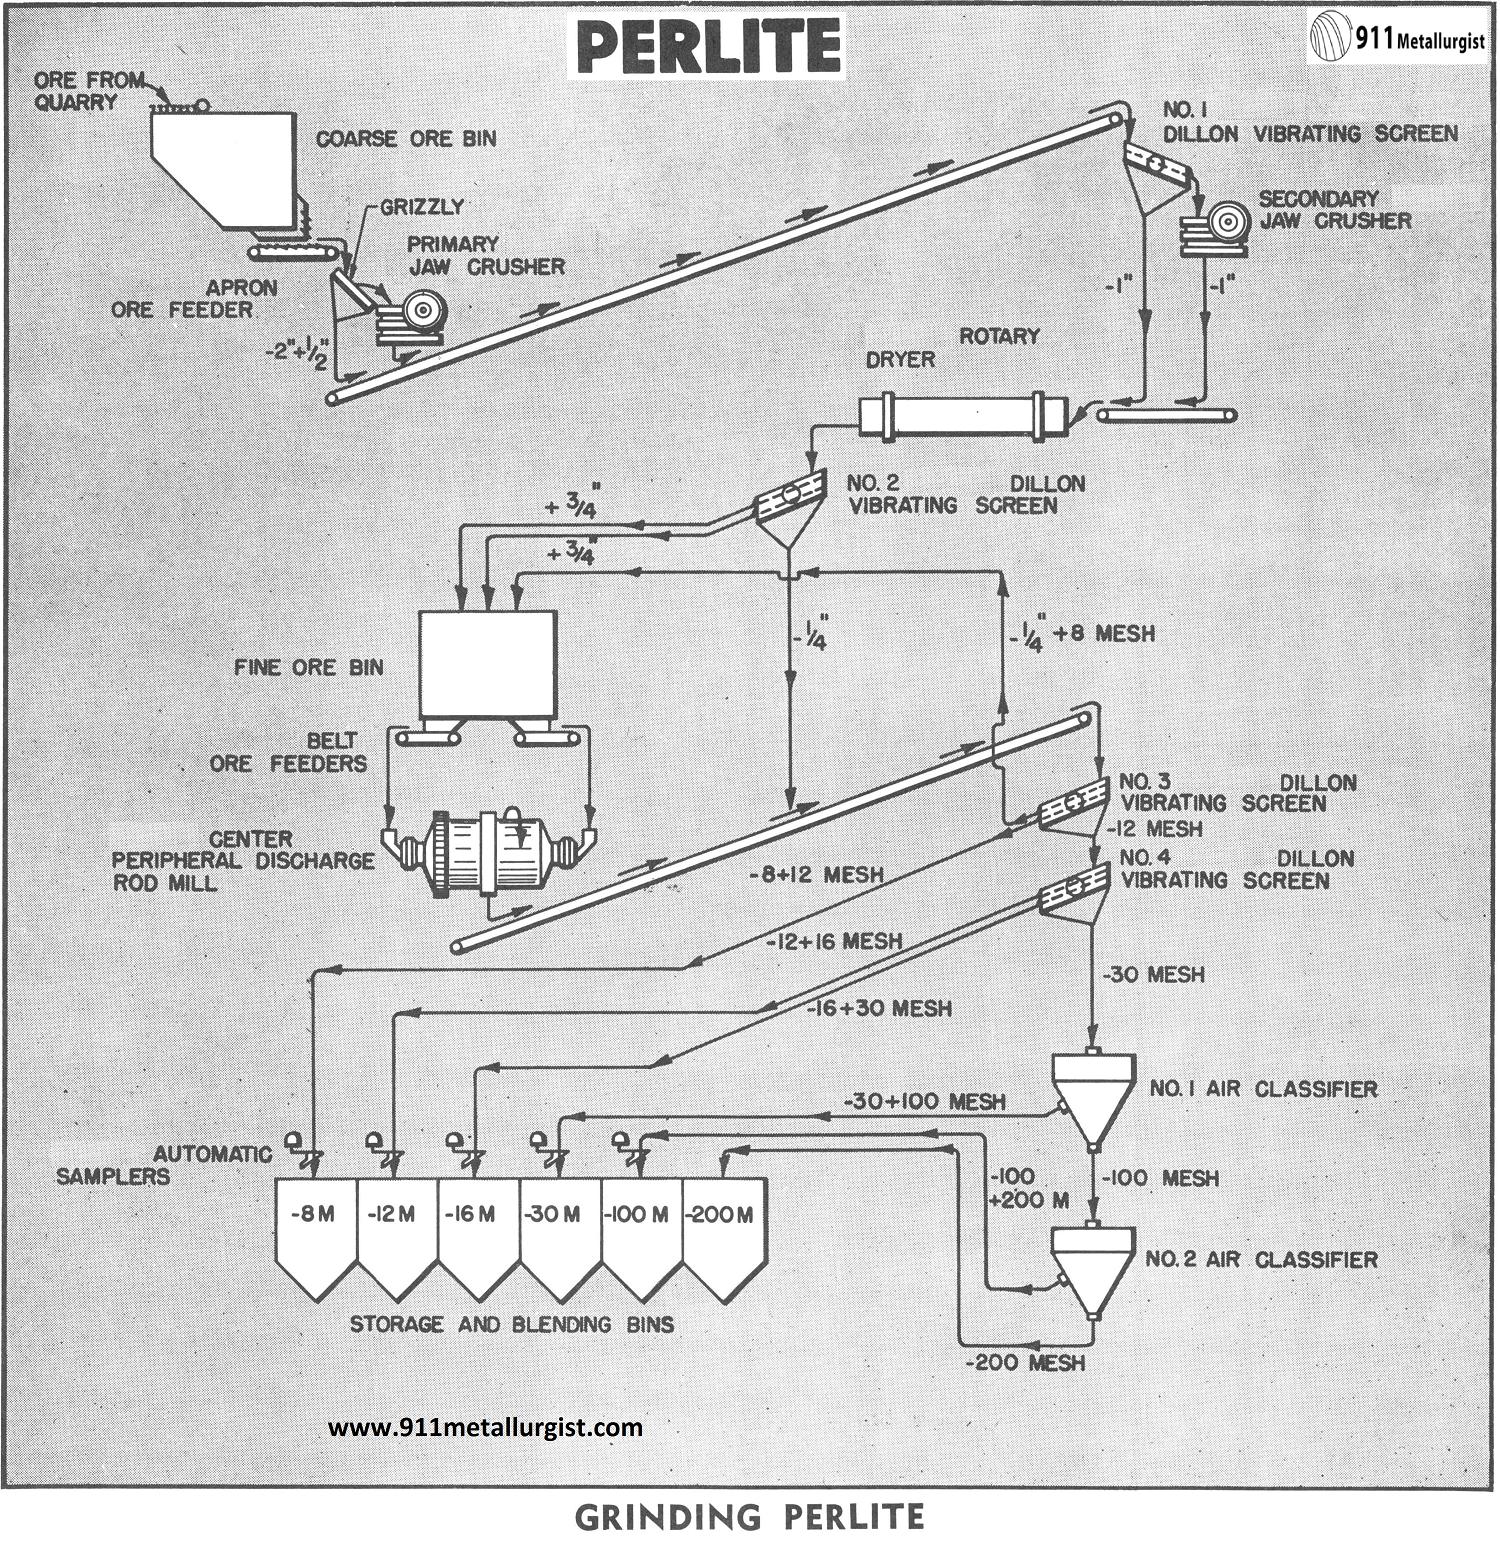 Grinding Perlite